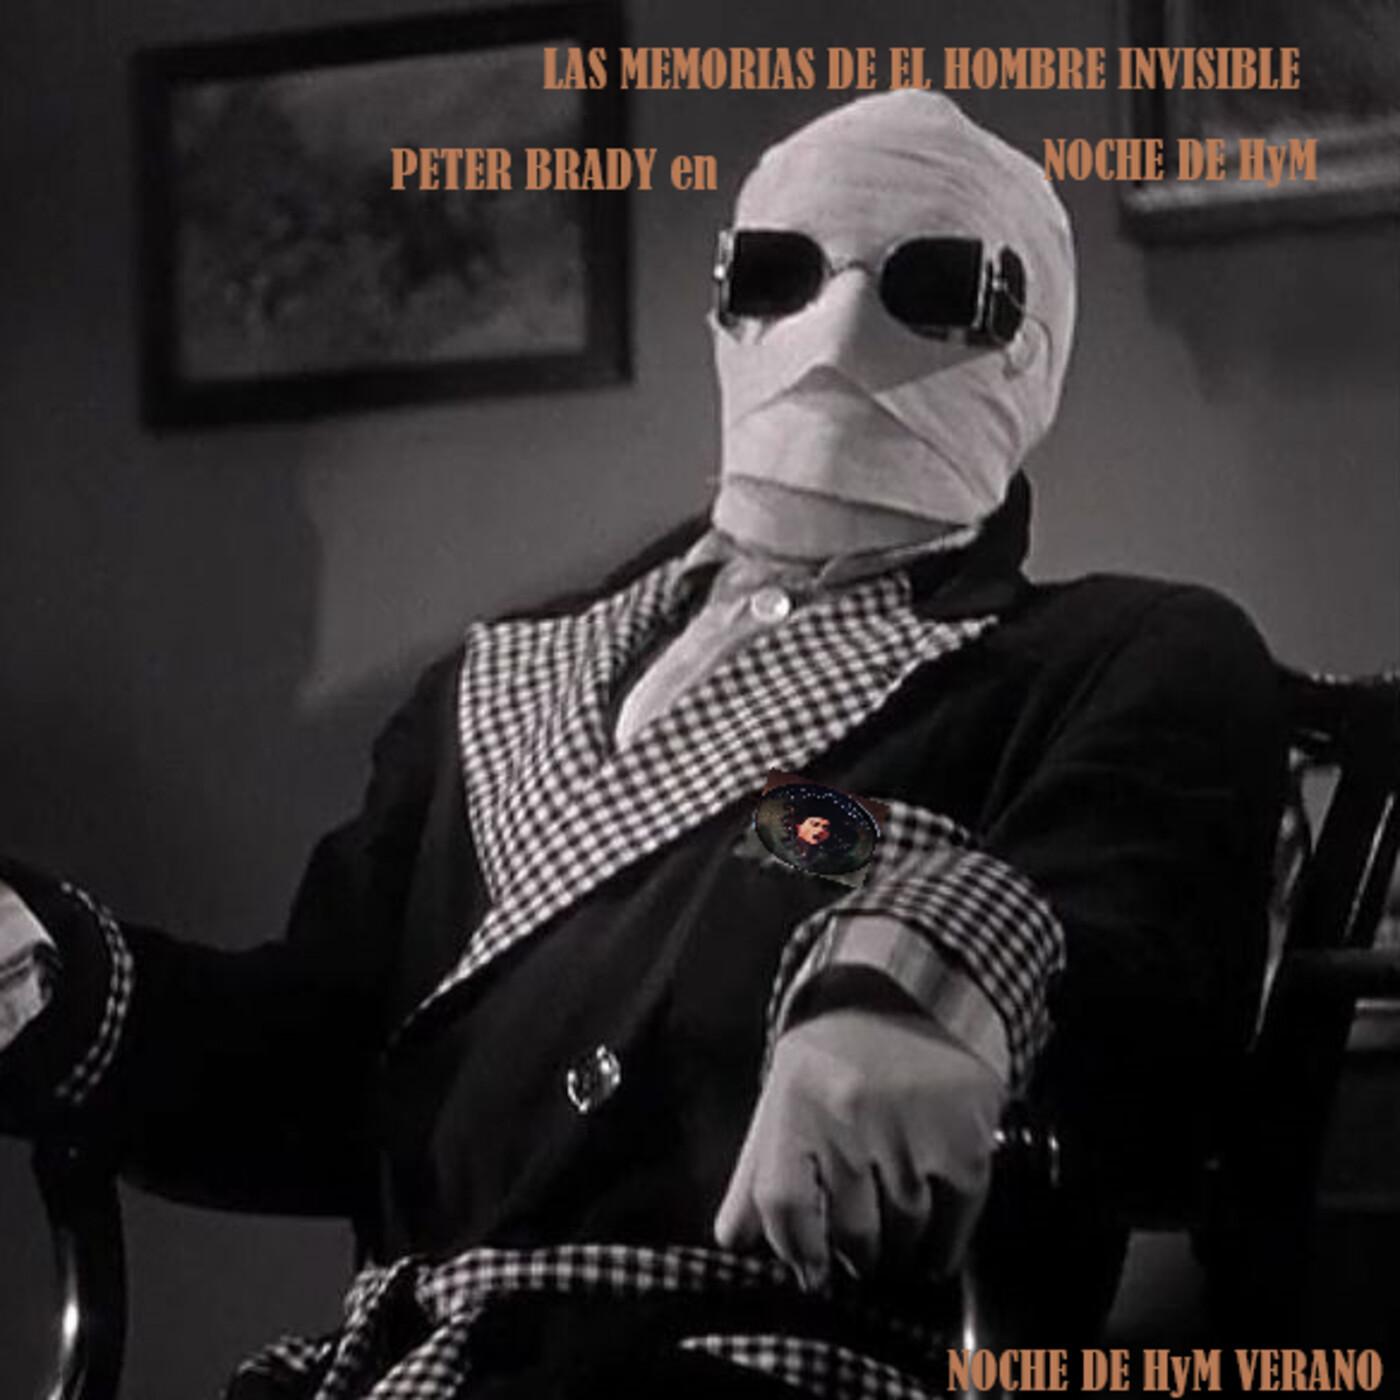 NochedeHyM-421-Verano - LAS MEMORIAS DE EL HOMBRE INVISIBLE. Cap. 8